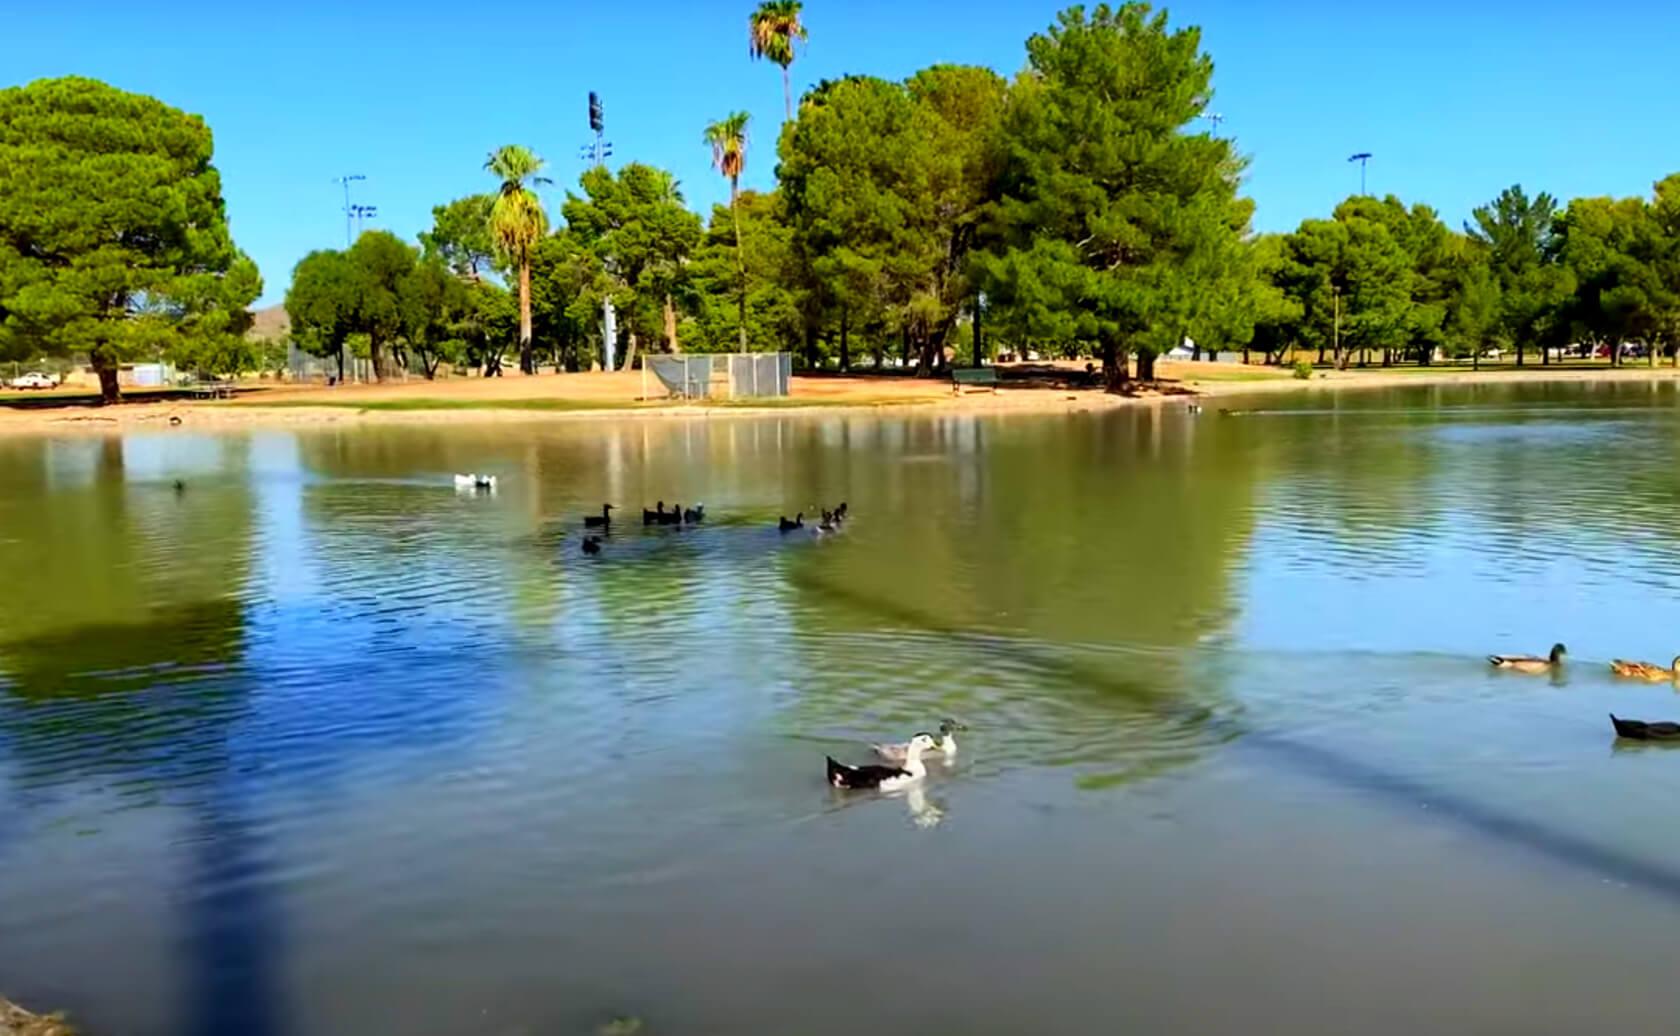 Roadrunner-Pond-Lake-fishing-guide-report-phoenix-az-02